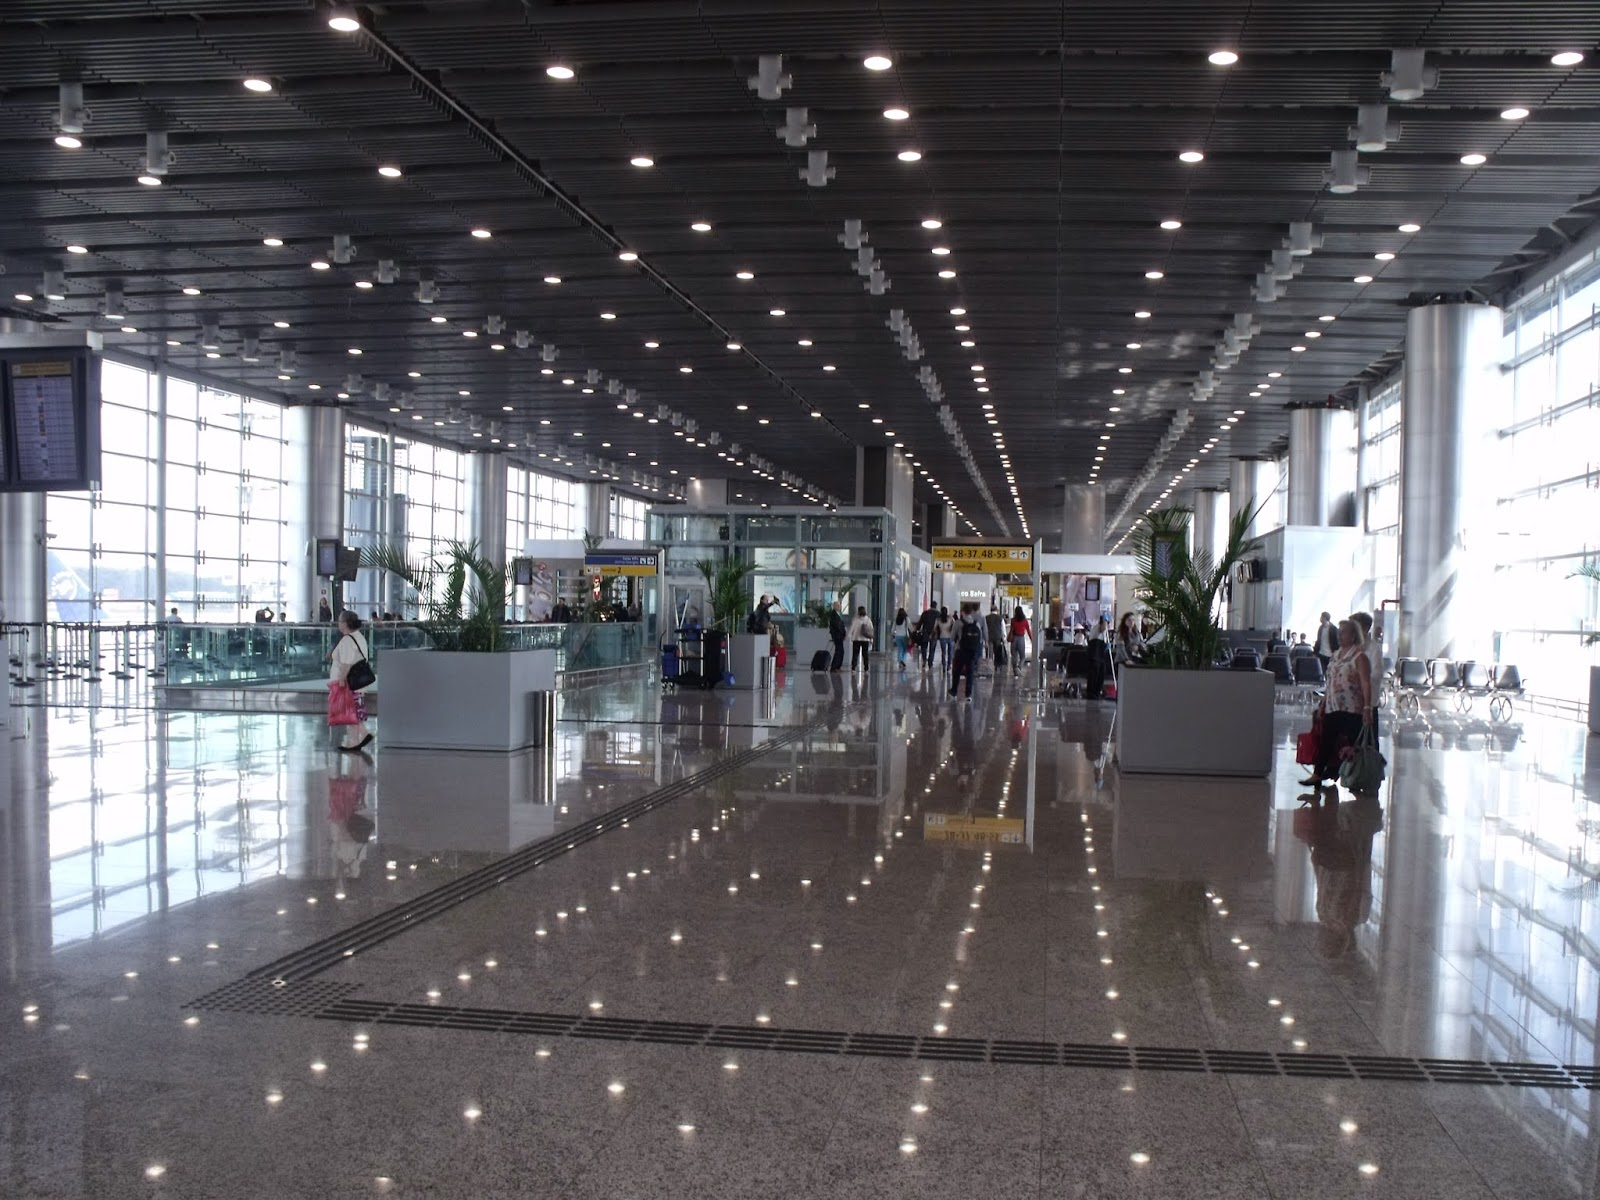 Aeroporto Gru : Maior aeroporto do país gru airport recebeu milhões de